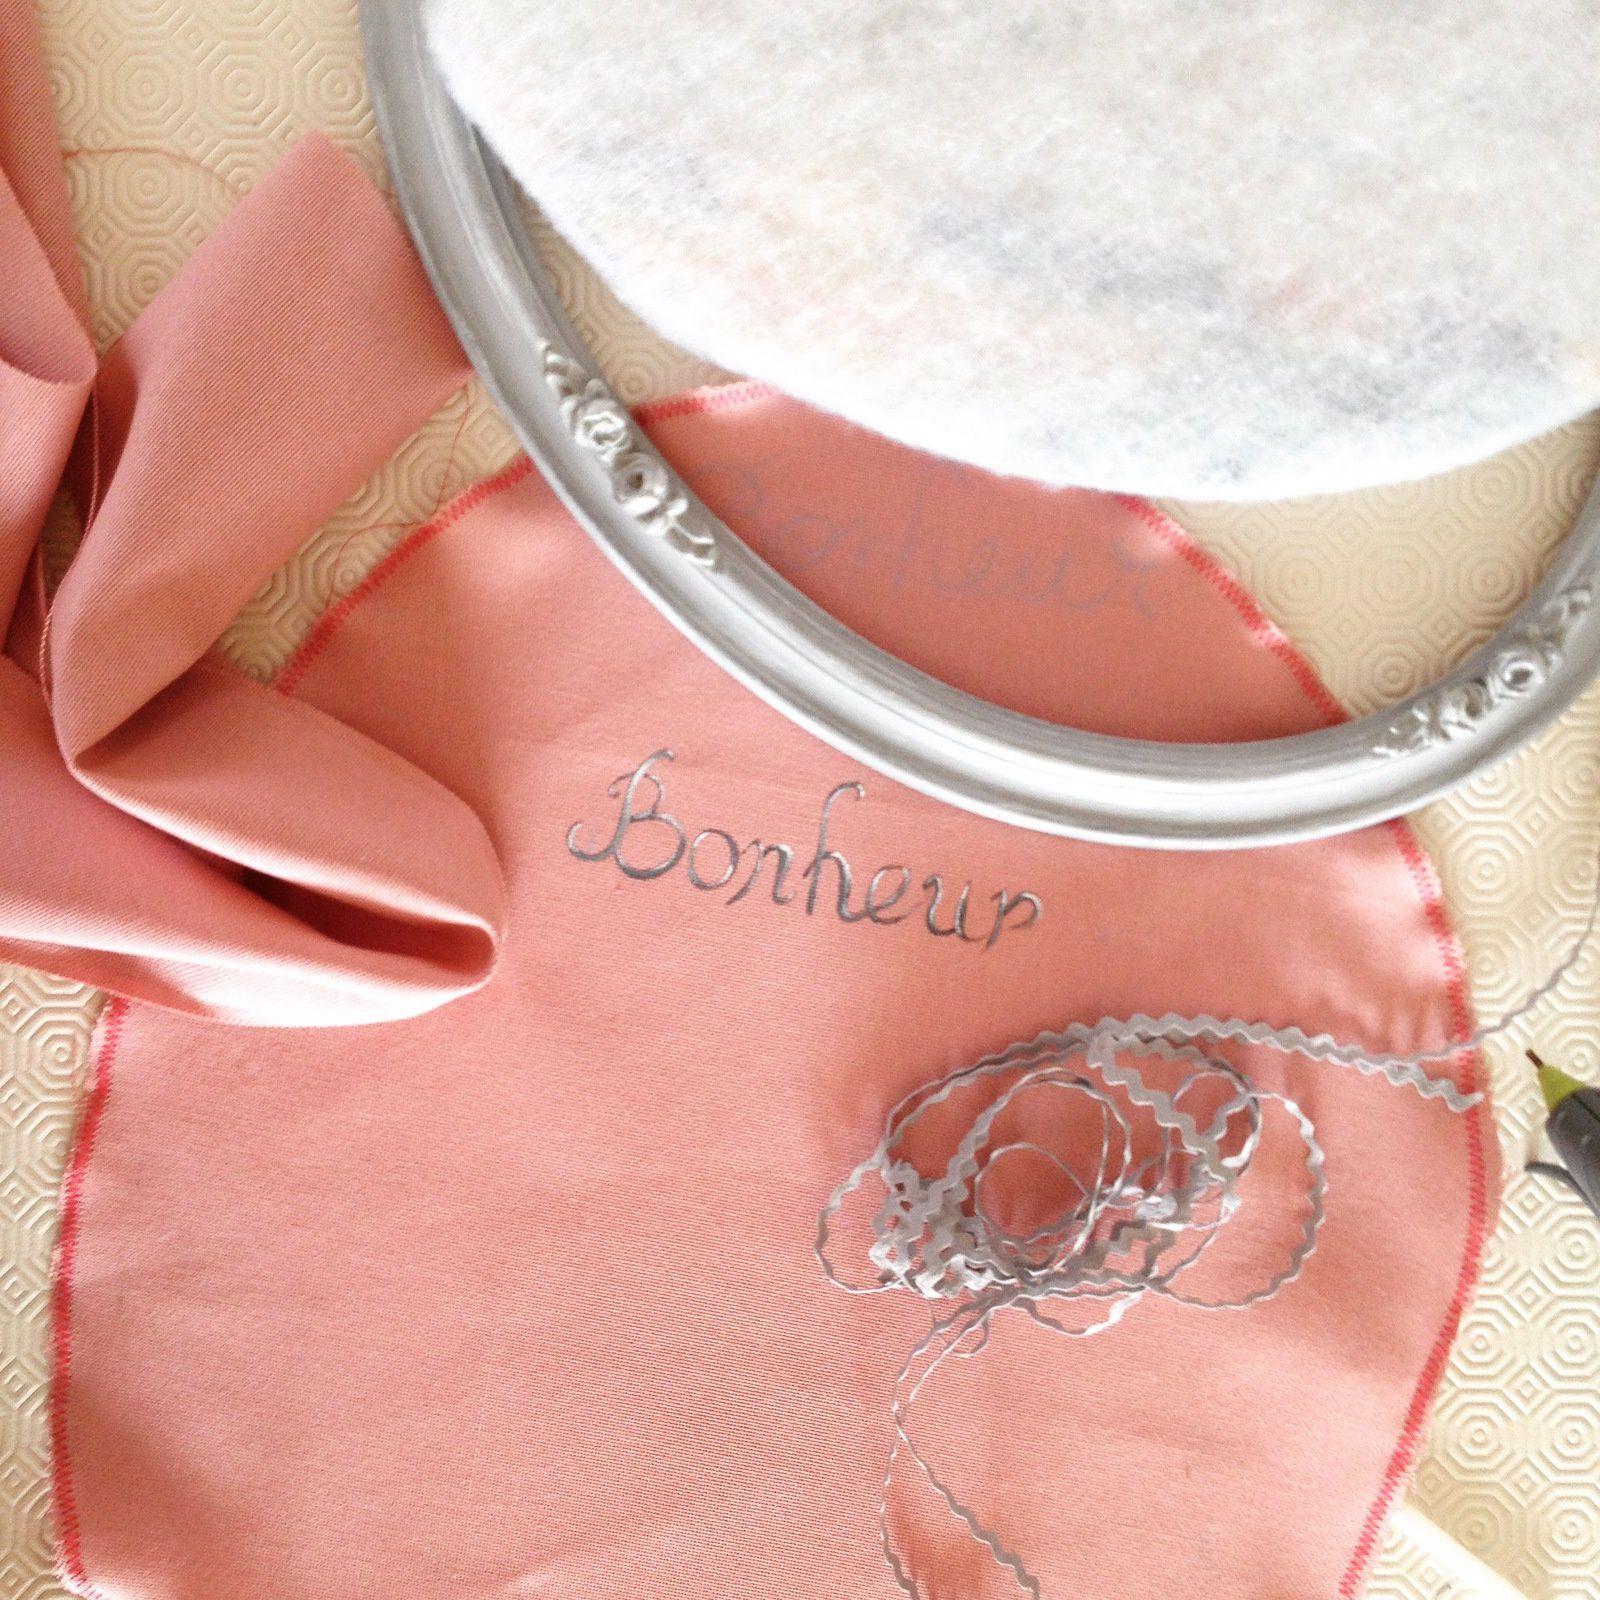 Un petit coup de ponçage, nettoyage, et peinturage plus tard ; je choisissais une toile de coton rose et un croquet gris pour réaliser mon pêle-mêle.